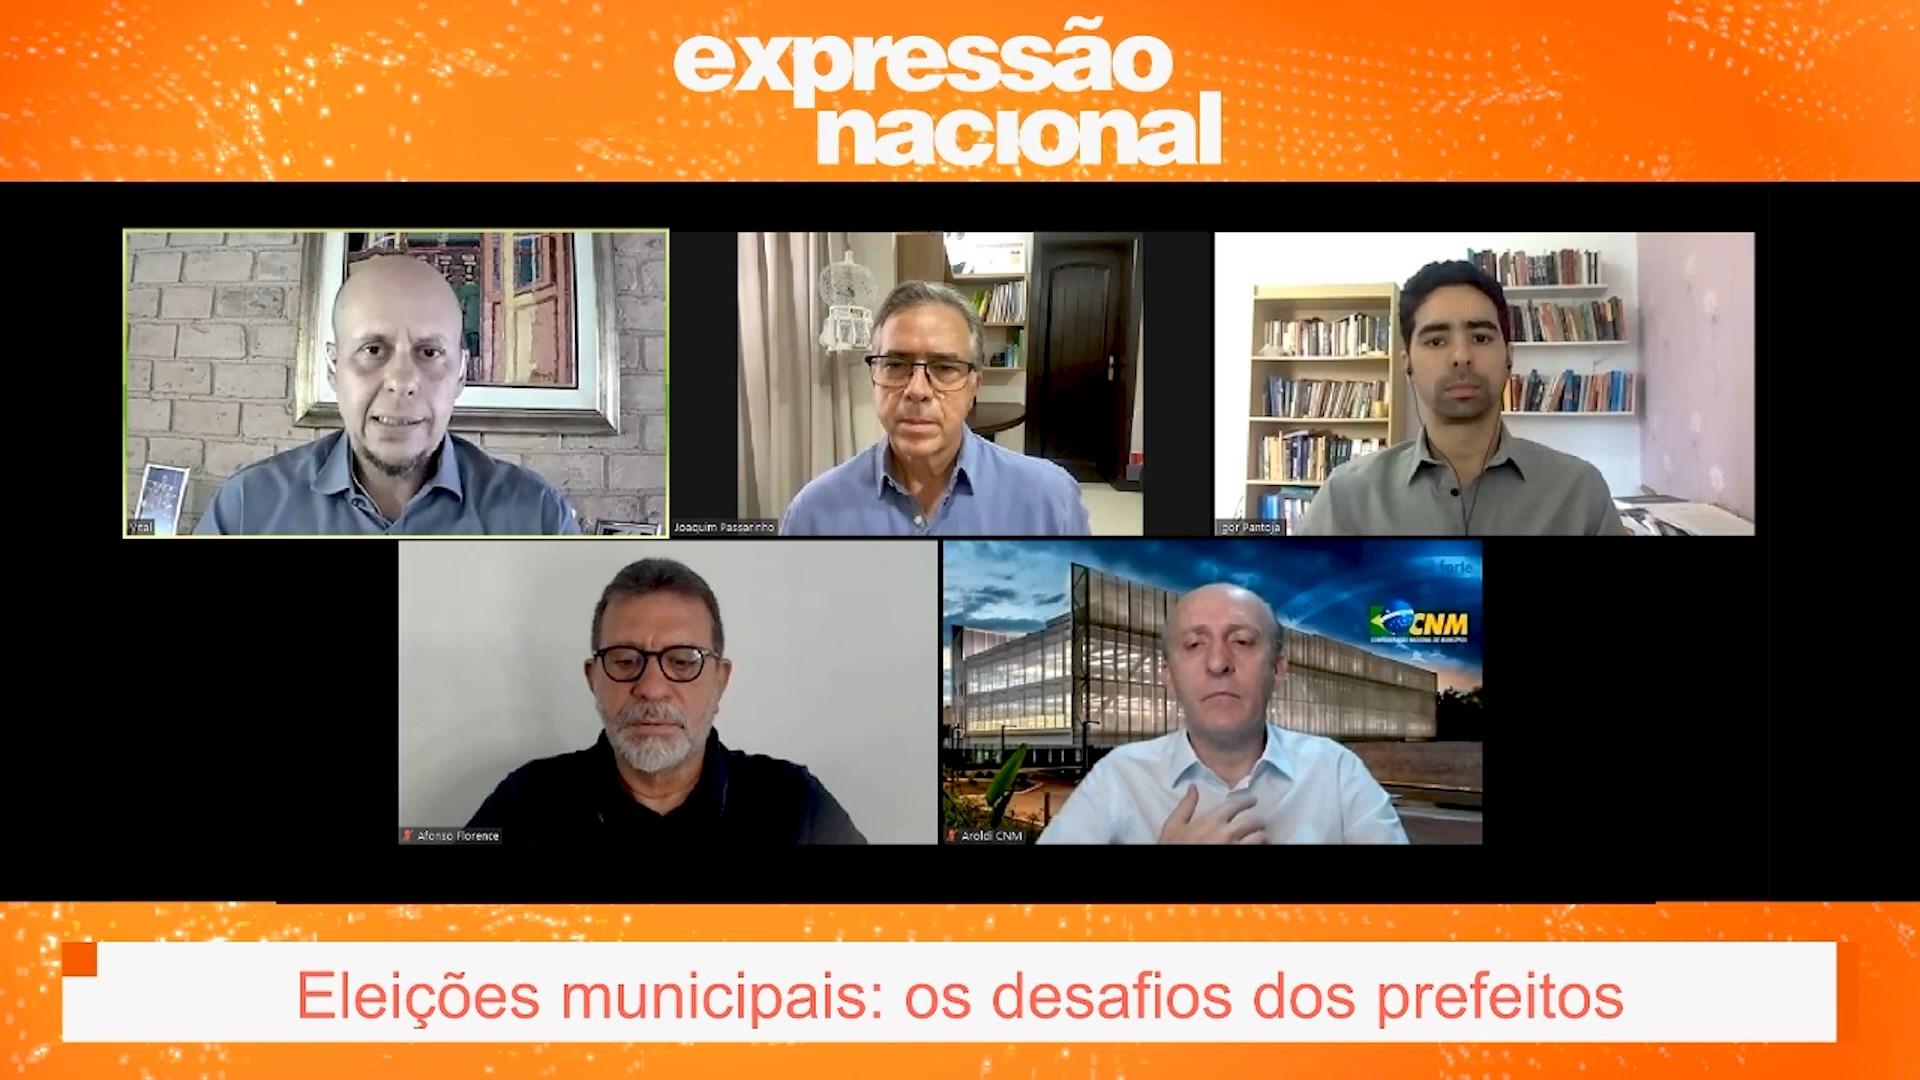 Eleições municipais: os desafios dos prefeitos